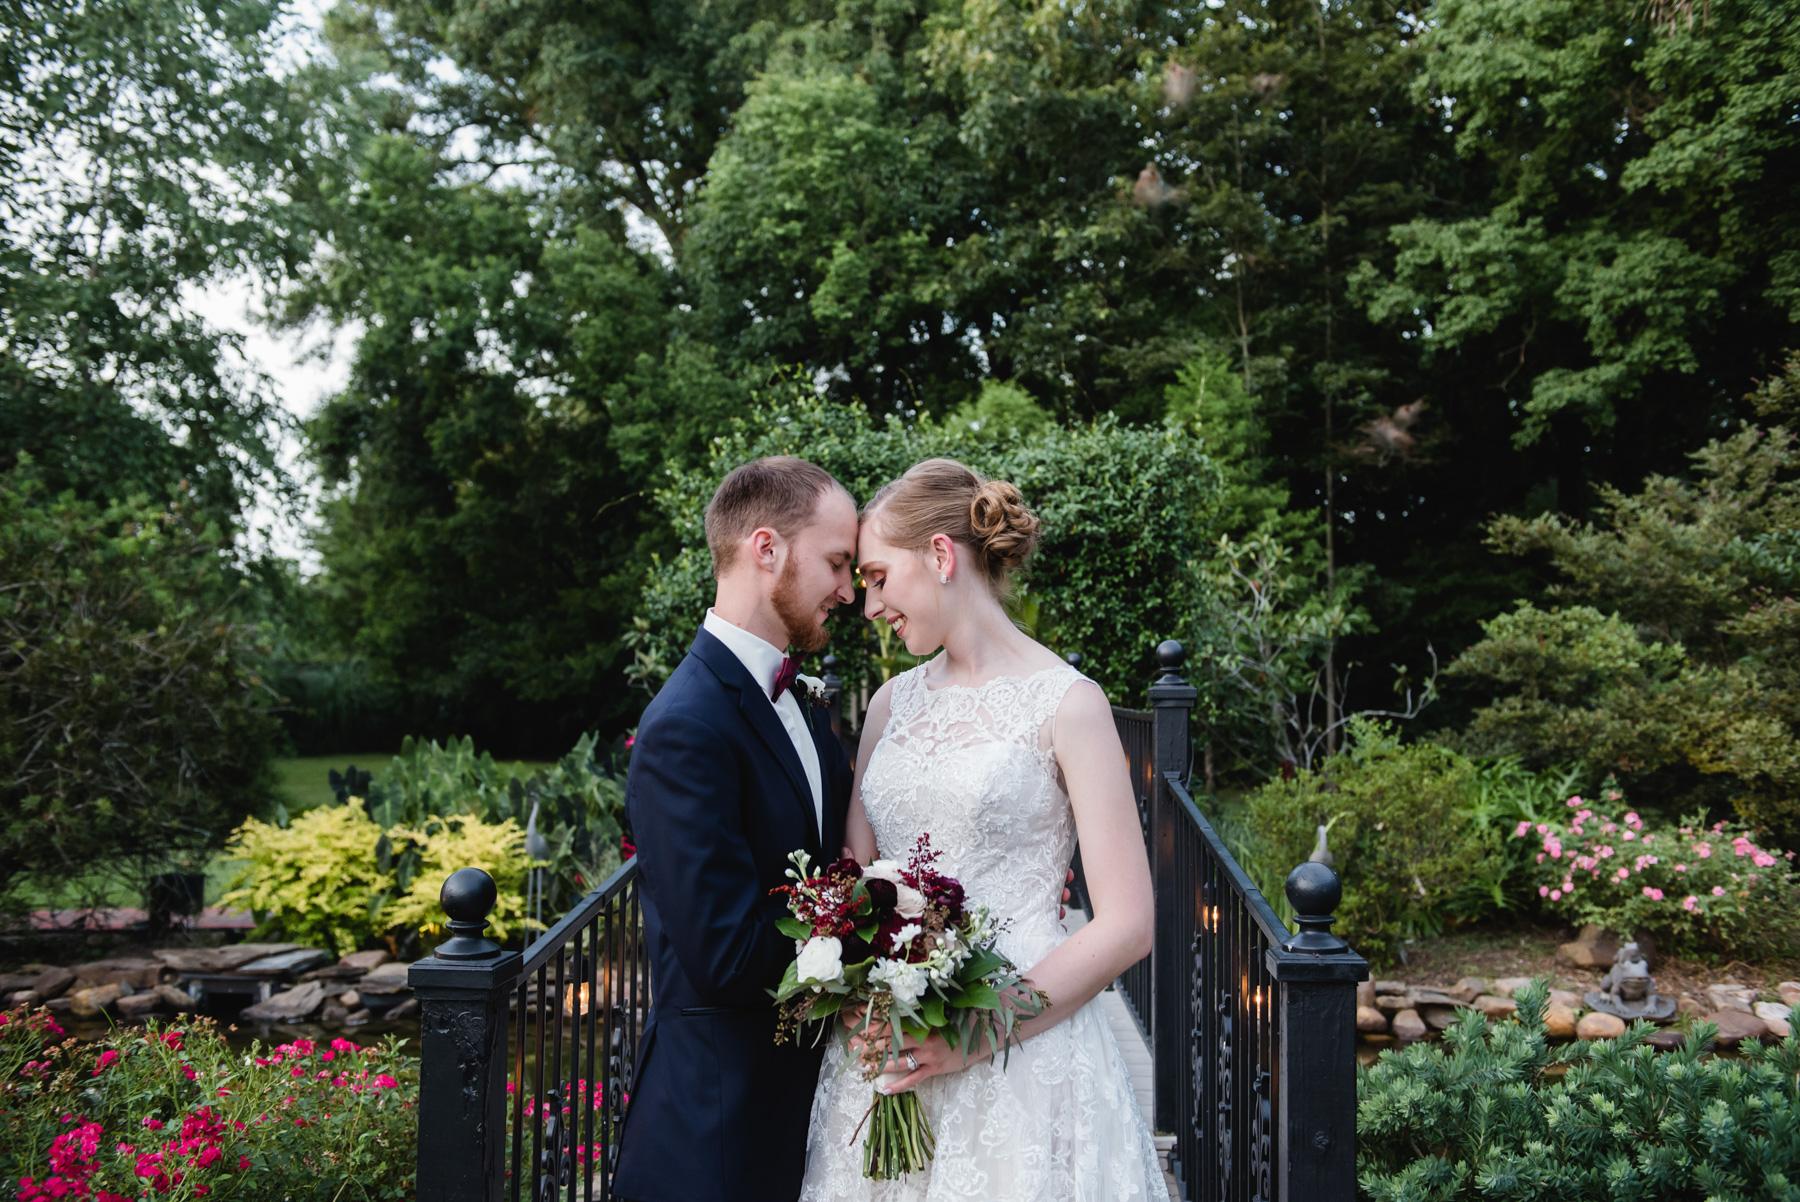 the-gatehouse-wedding-baton-rouge-9509.jpg